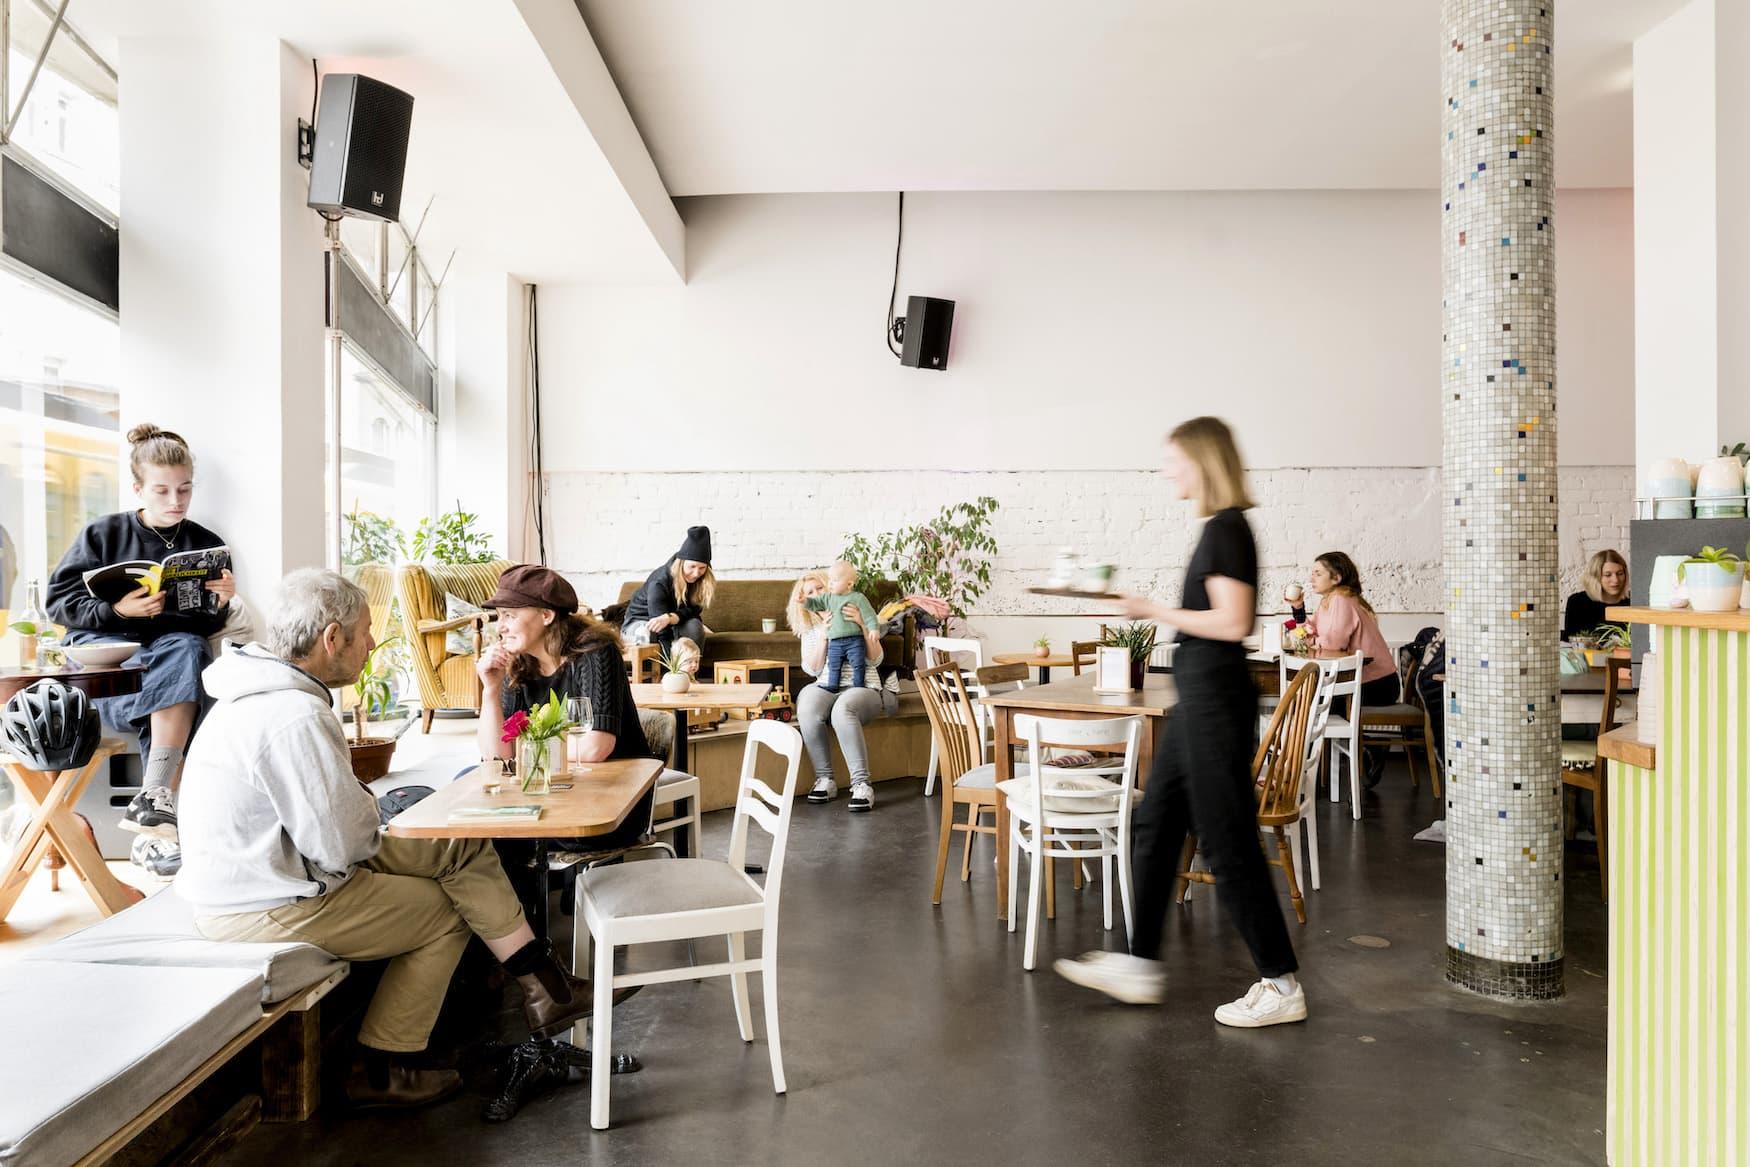 Nachhaltiger Konsum im Café raupe Immersatt in Stuttgart